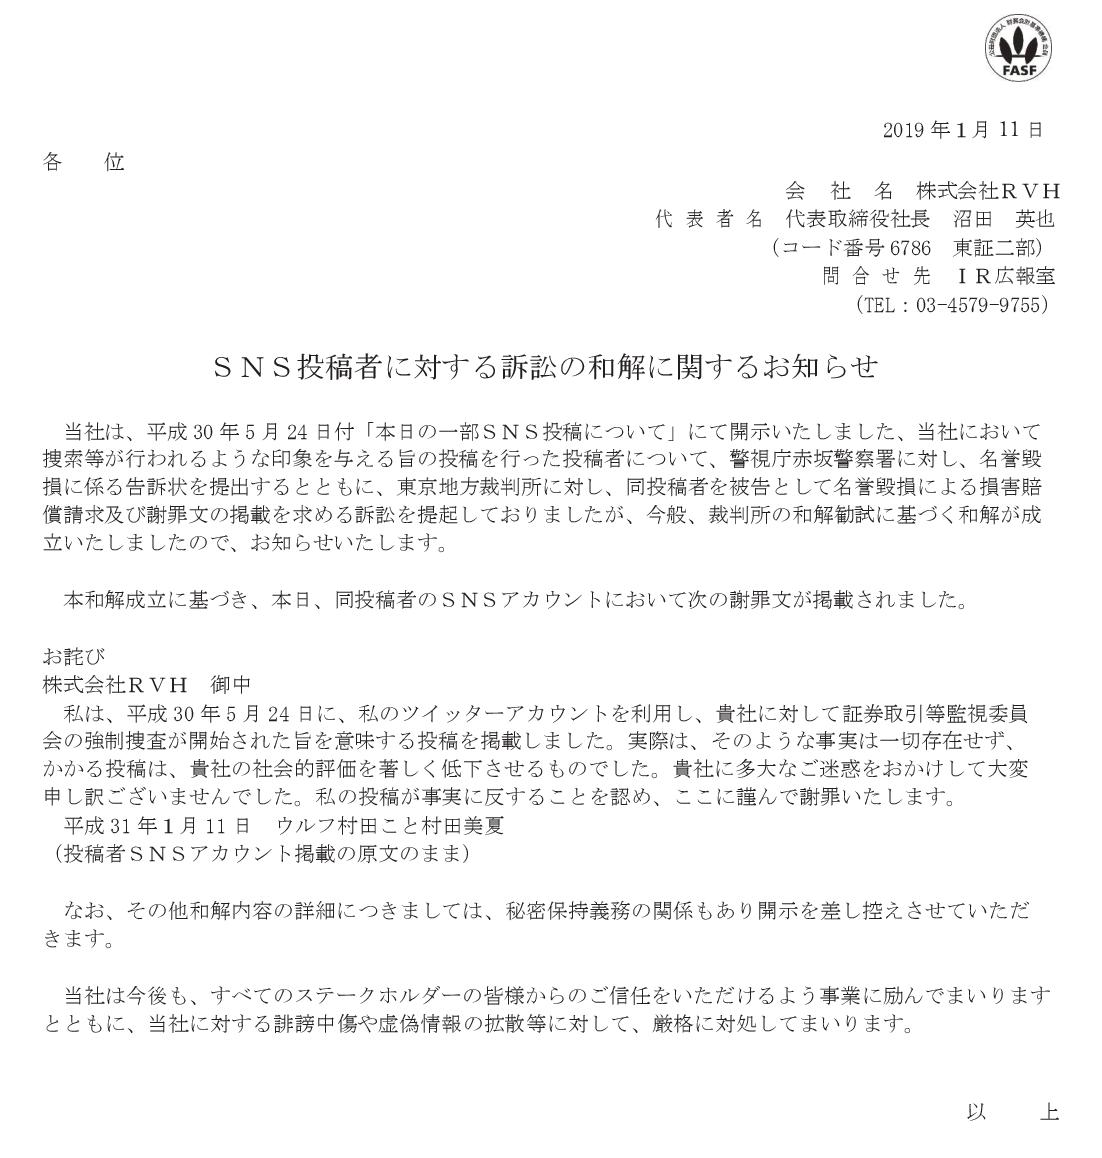 執行猶予中のウルフ村田さん命拾い、風説の流布で訴えられた ...